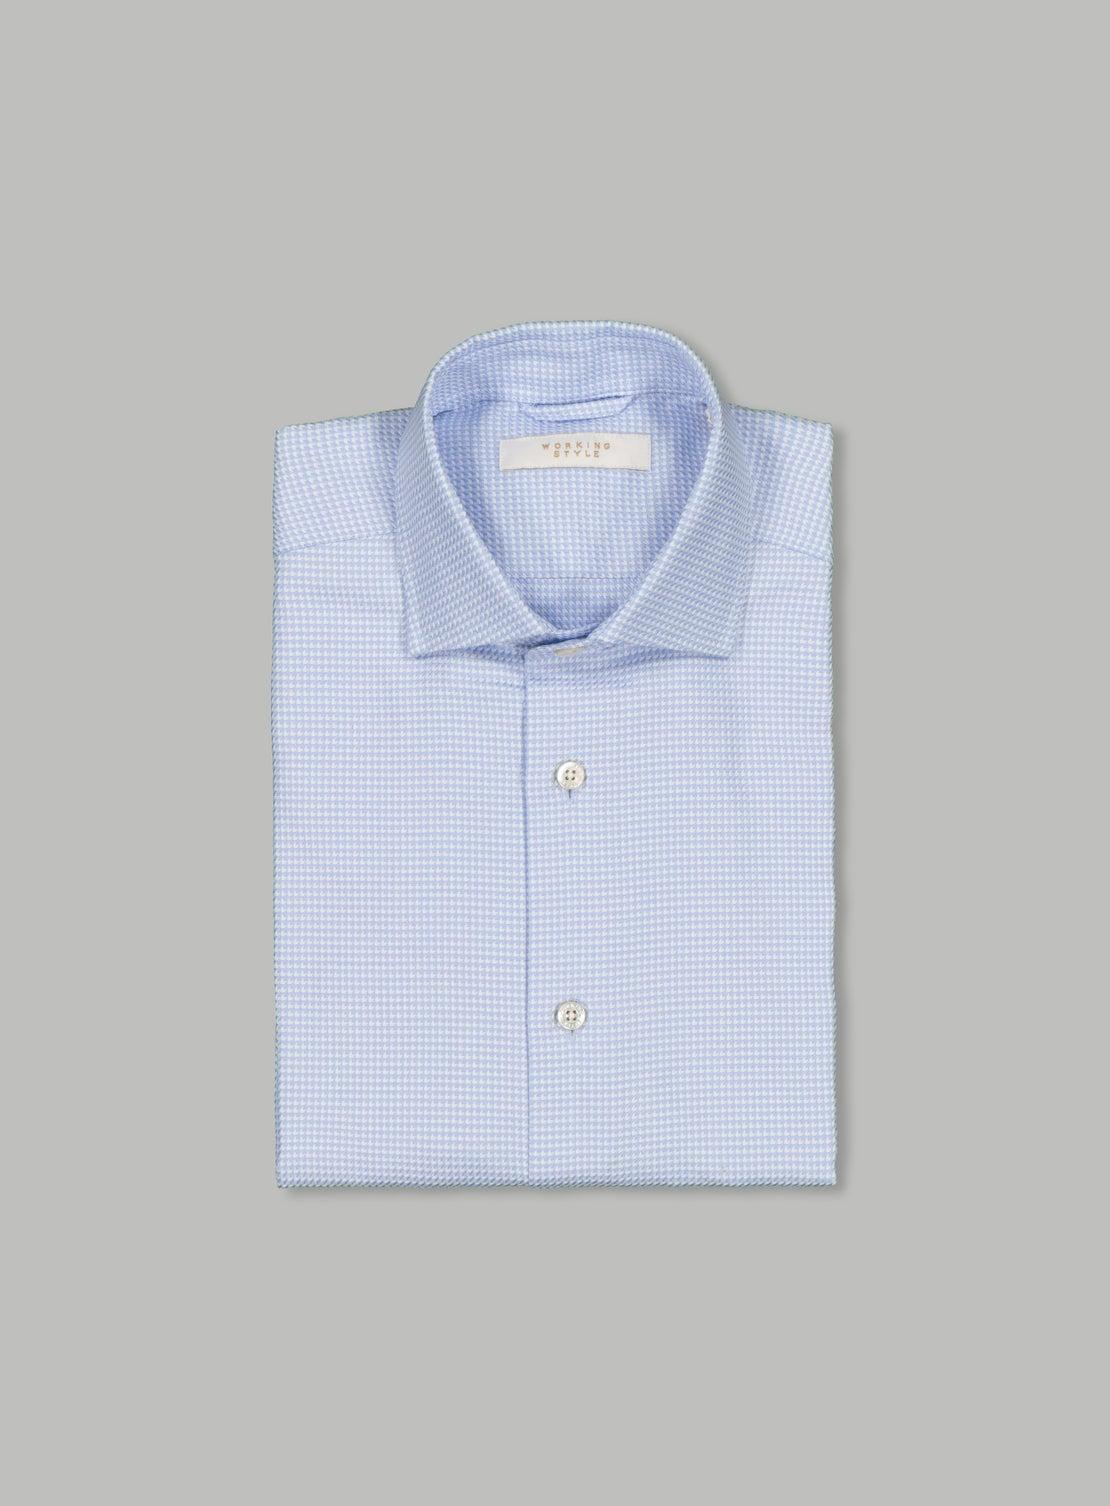 Luxe Light Blue Houndstooth Shirt